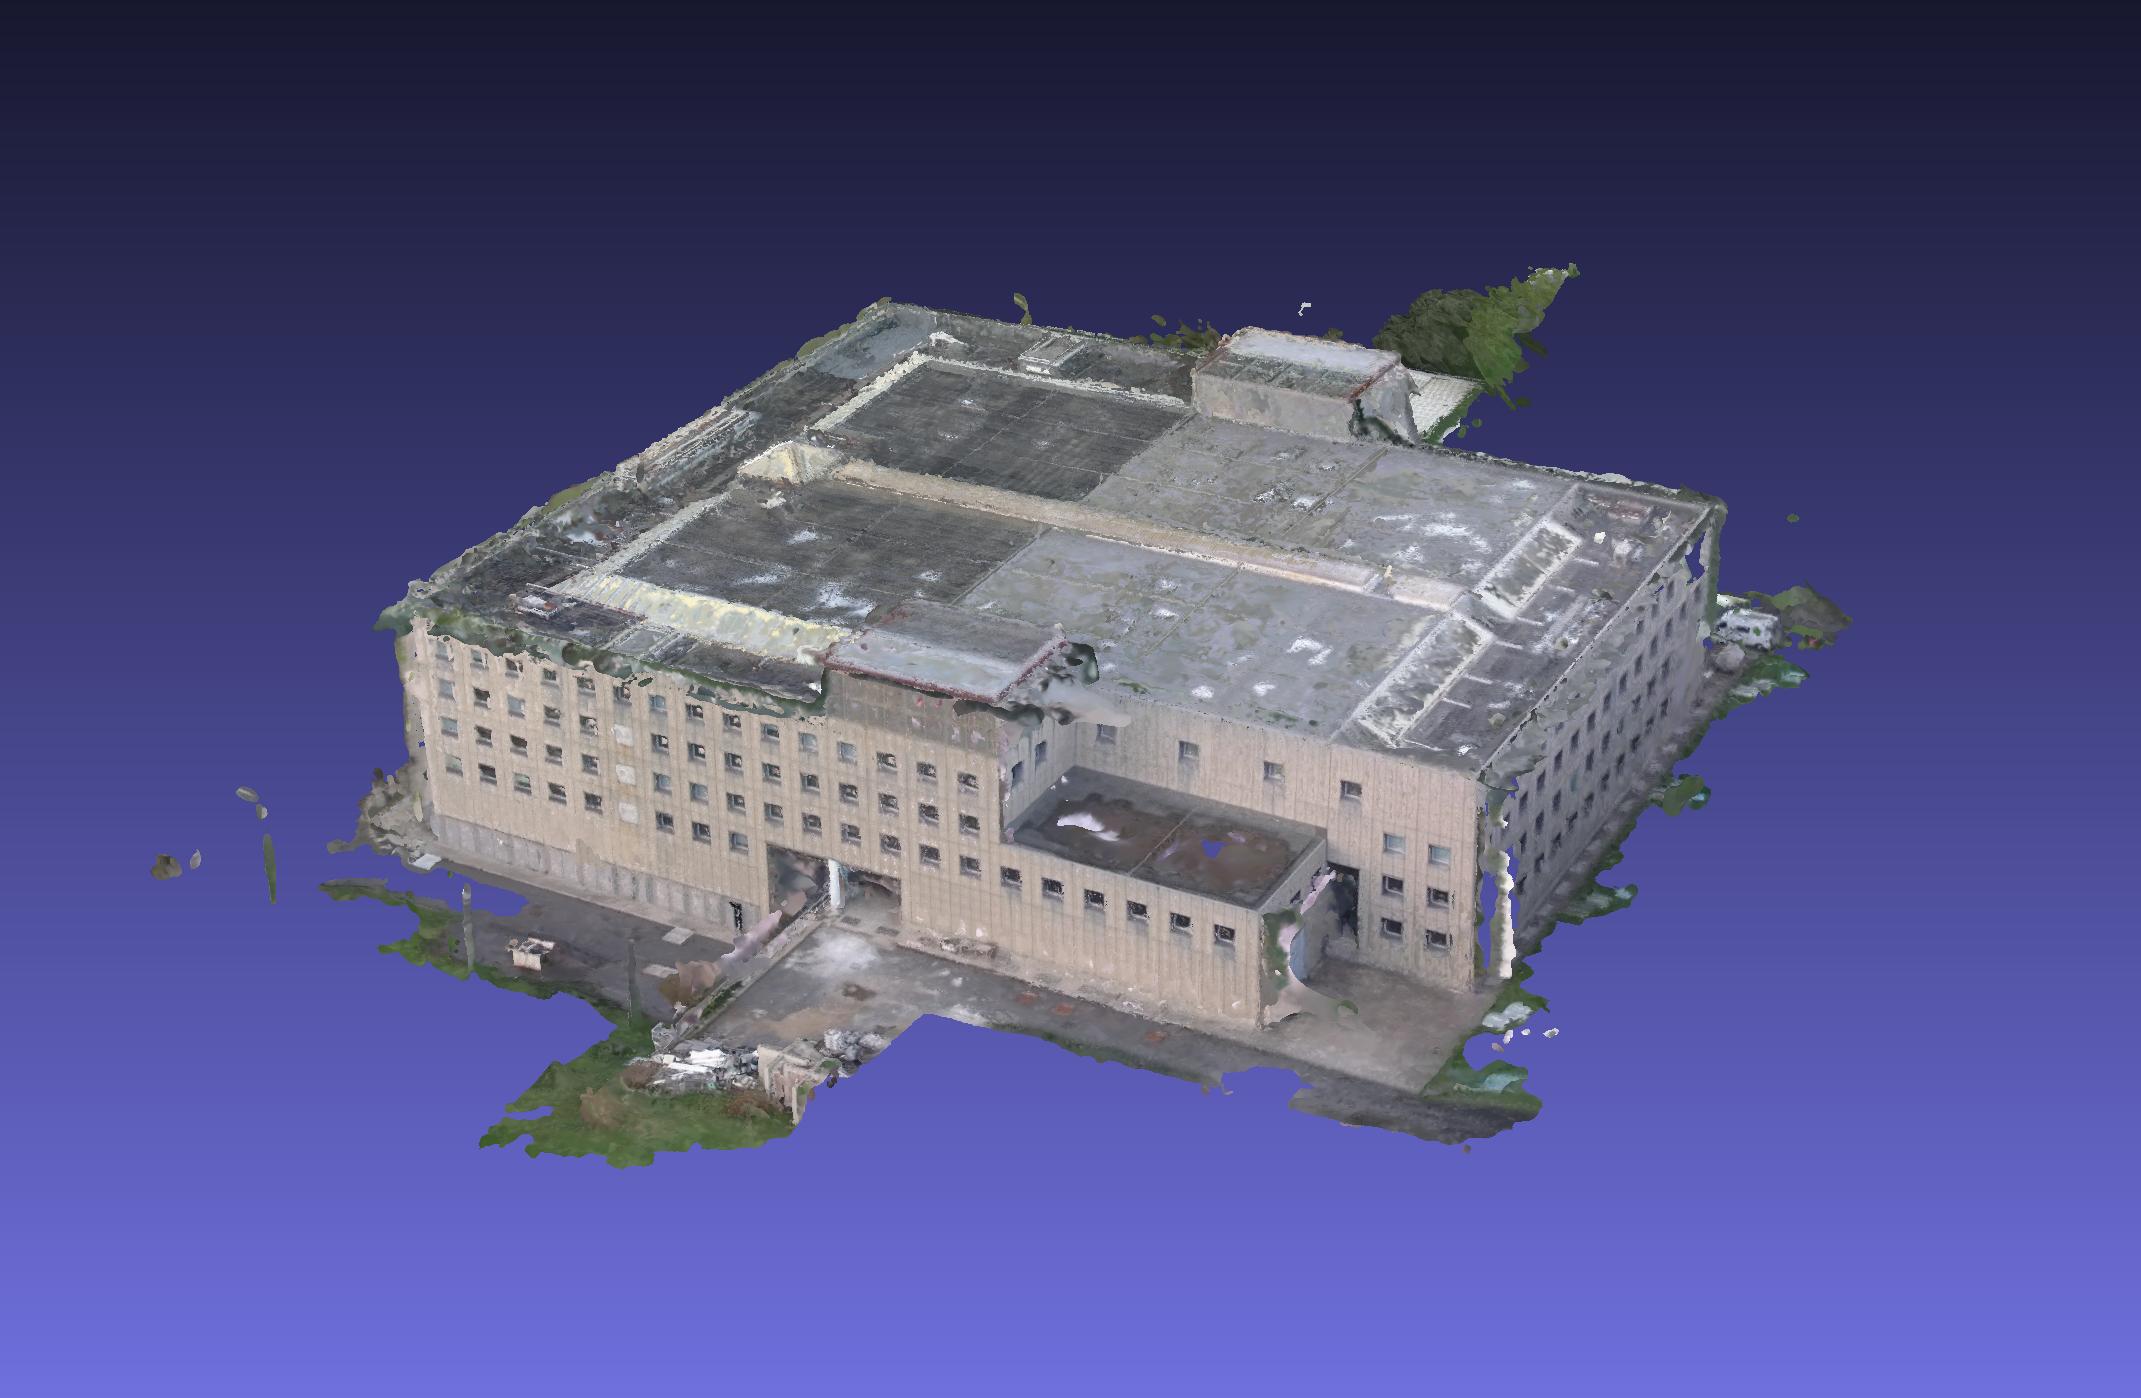 In questa foto si vede una ricostruzione 3D di un edificio